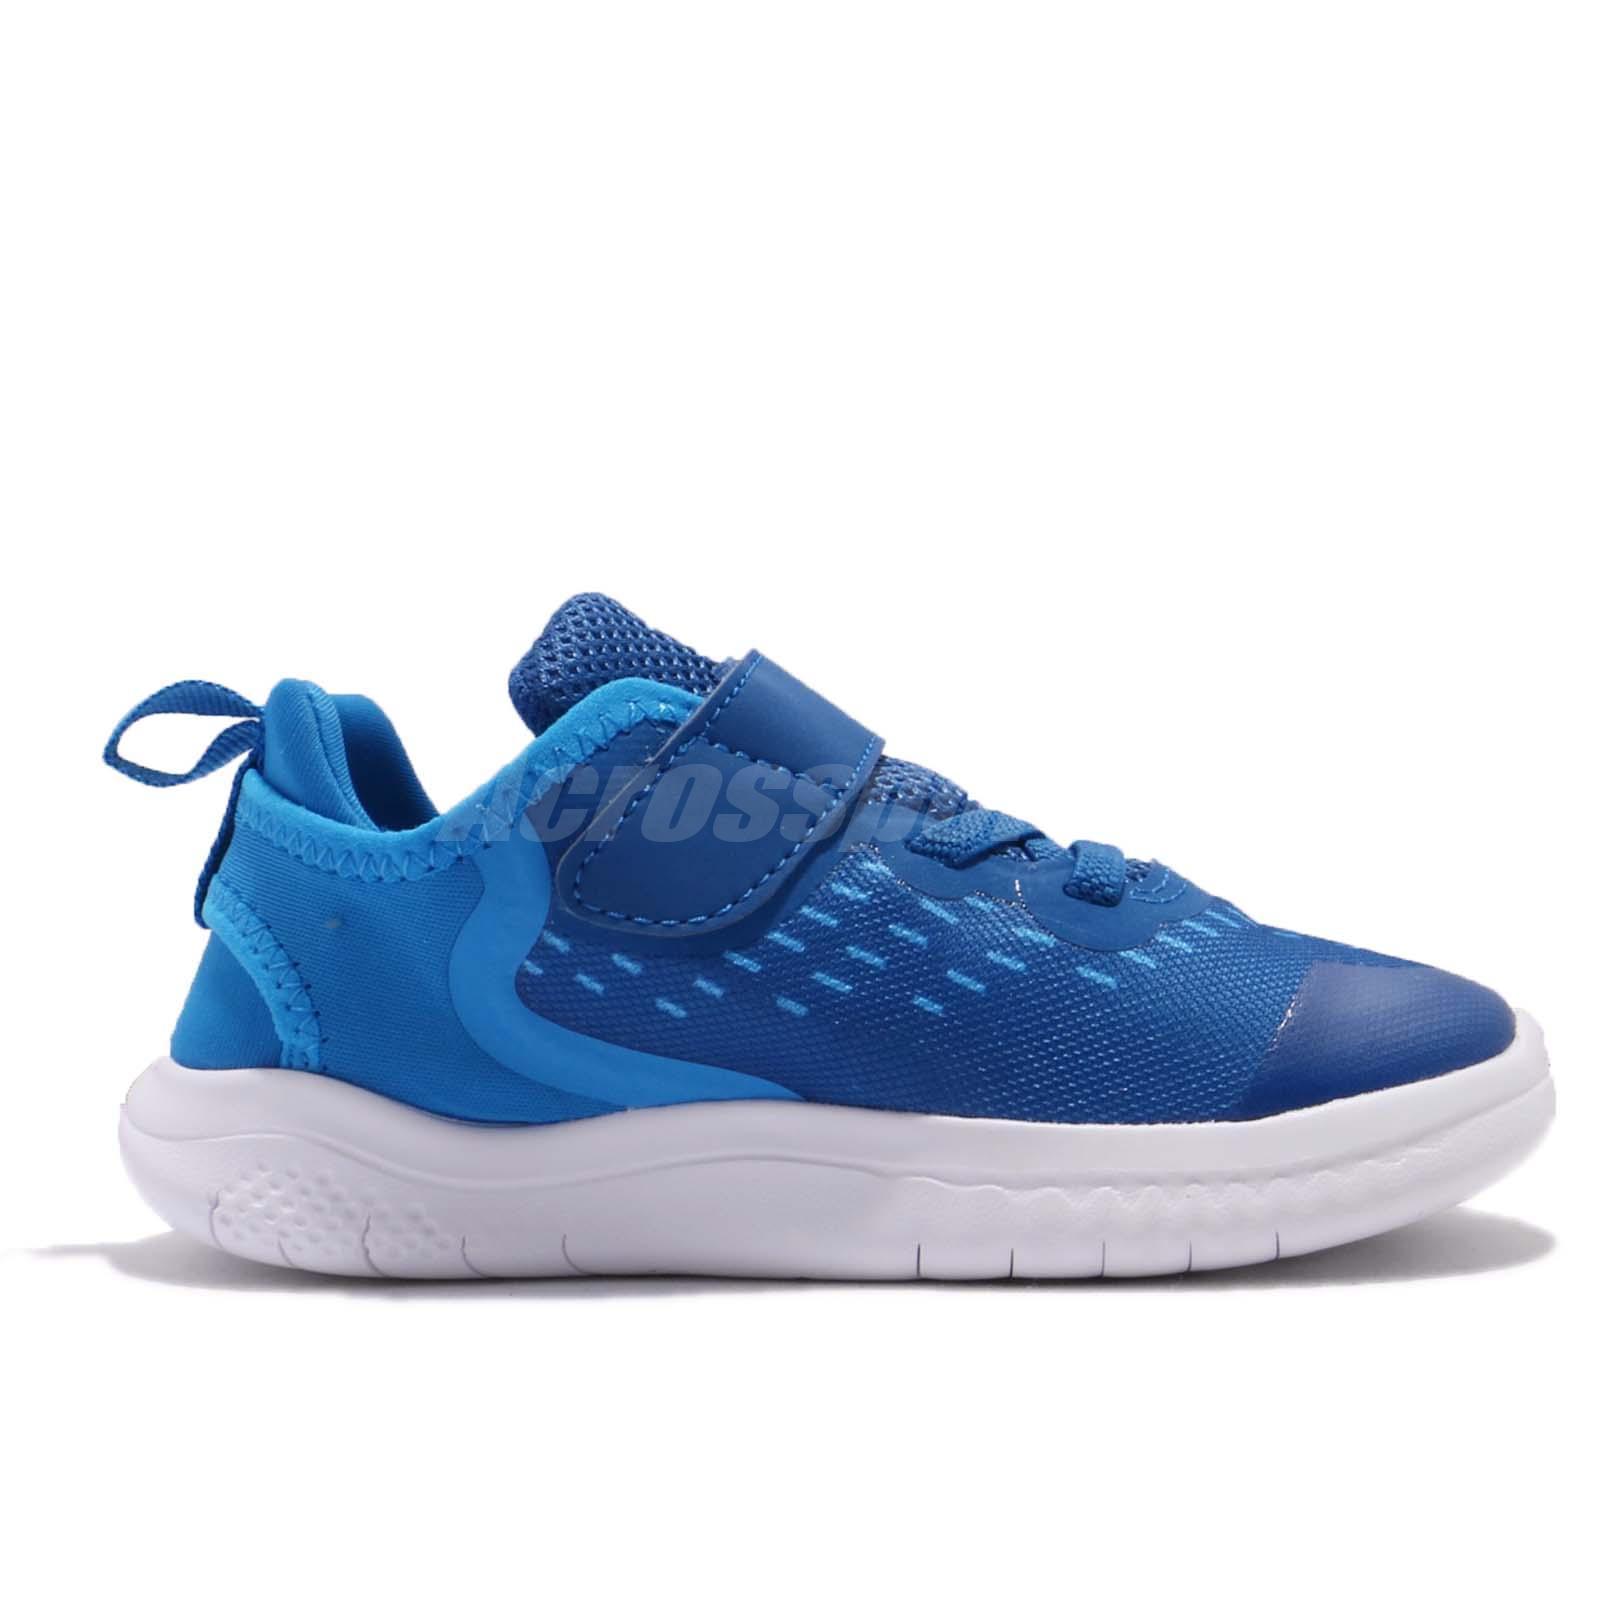 Toddler Ah3453-401 Nike Free Rn 2018 TDV